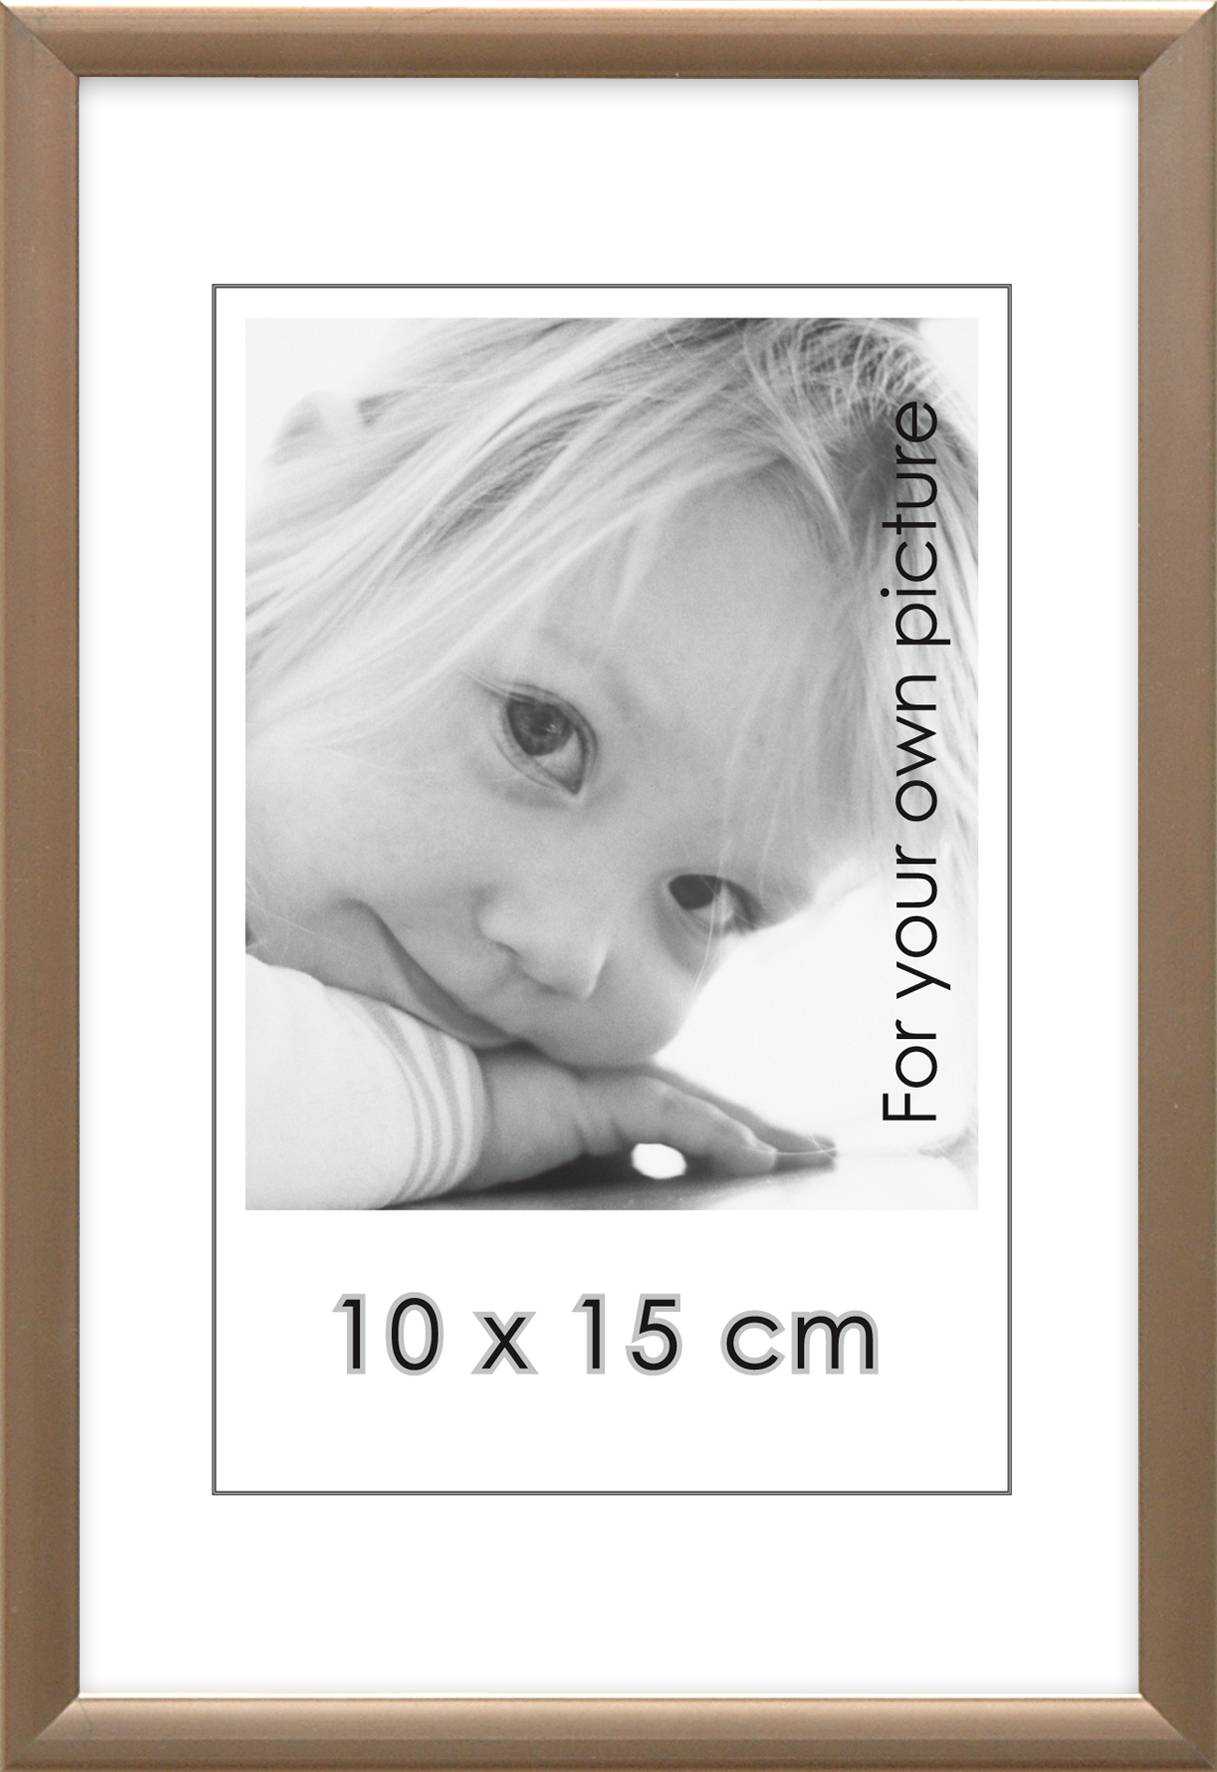 Artlink Åland Matta Pronssinvärinen 21x29,7 cm (A4)